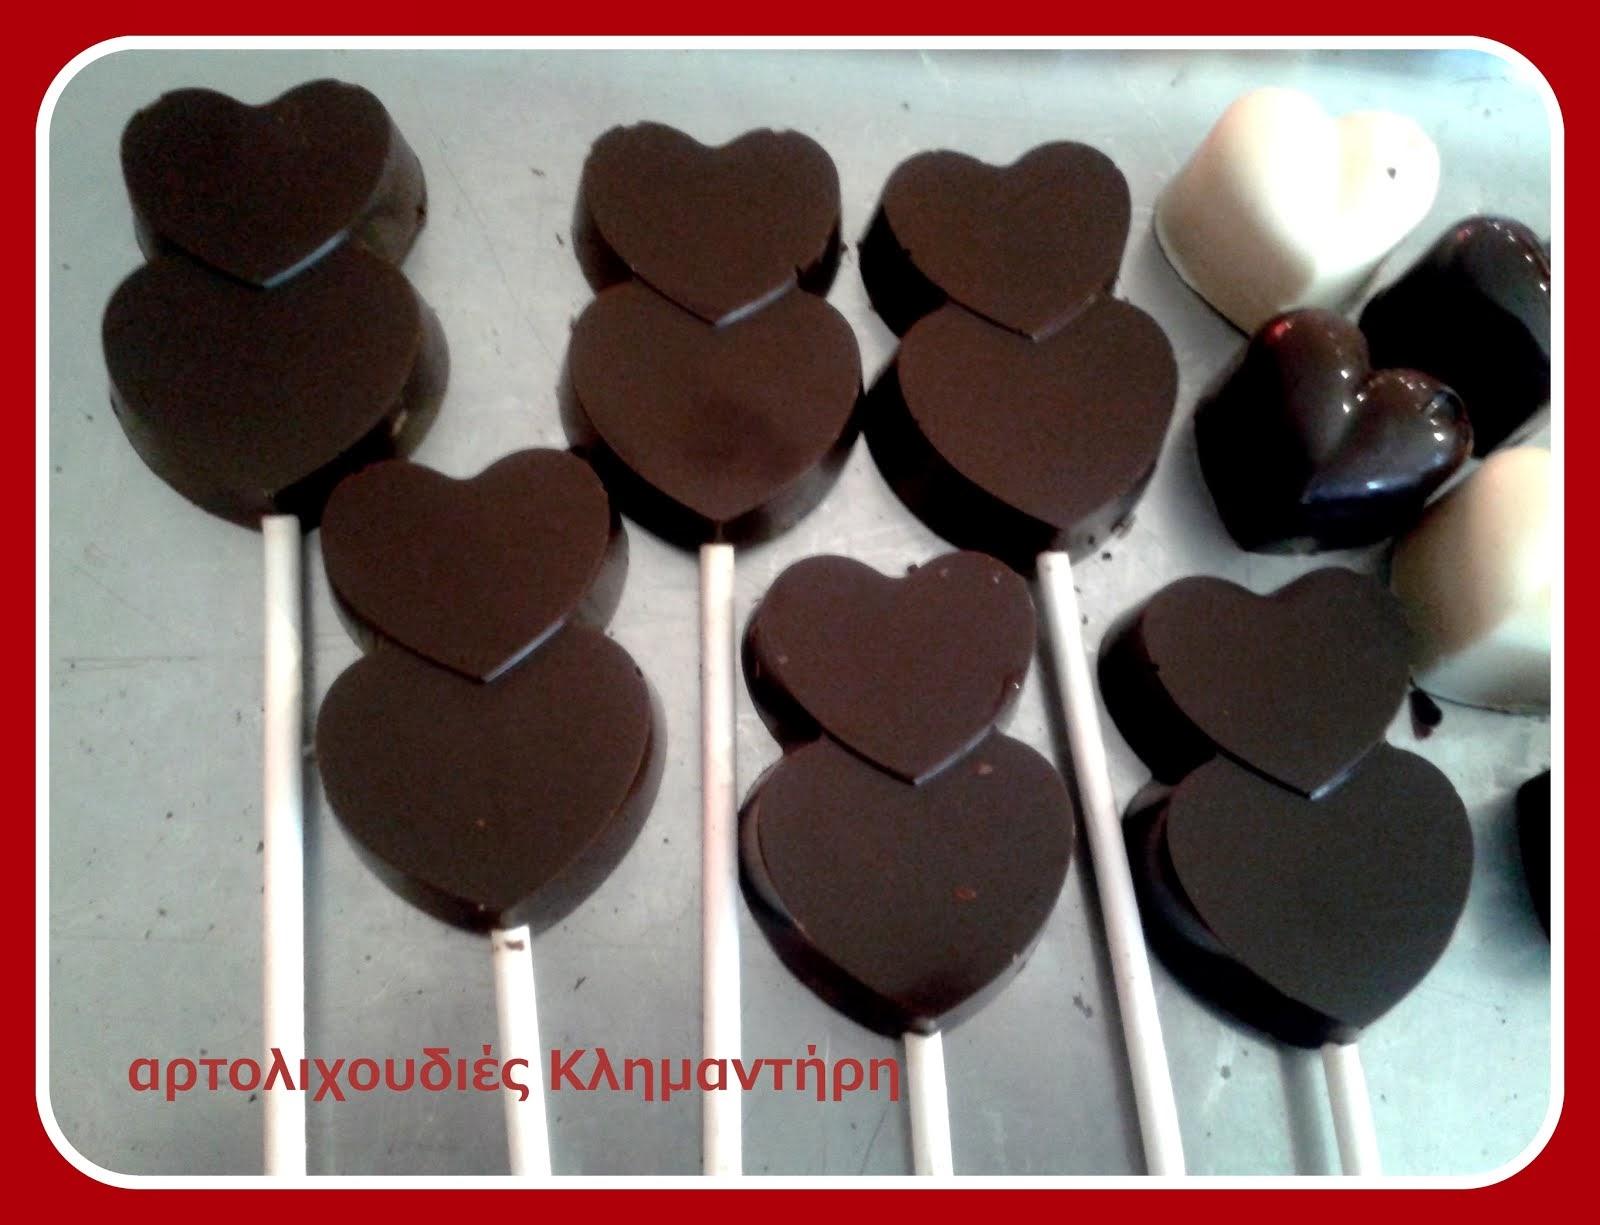 Σοκολατένια γλυφιτζούρια